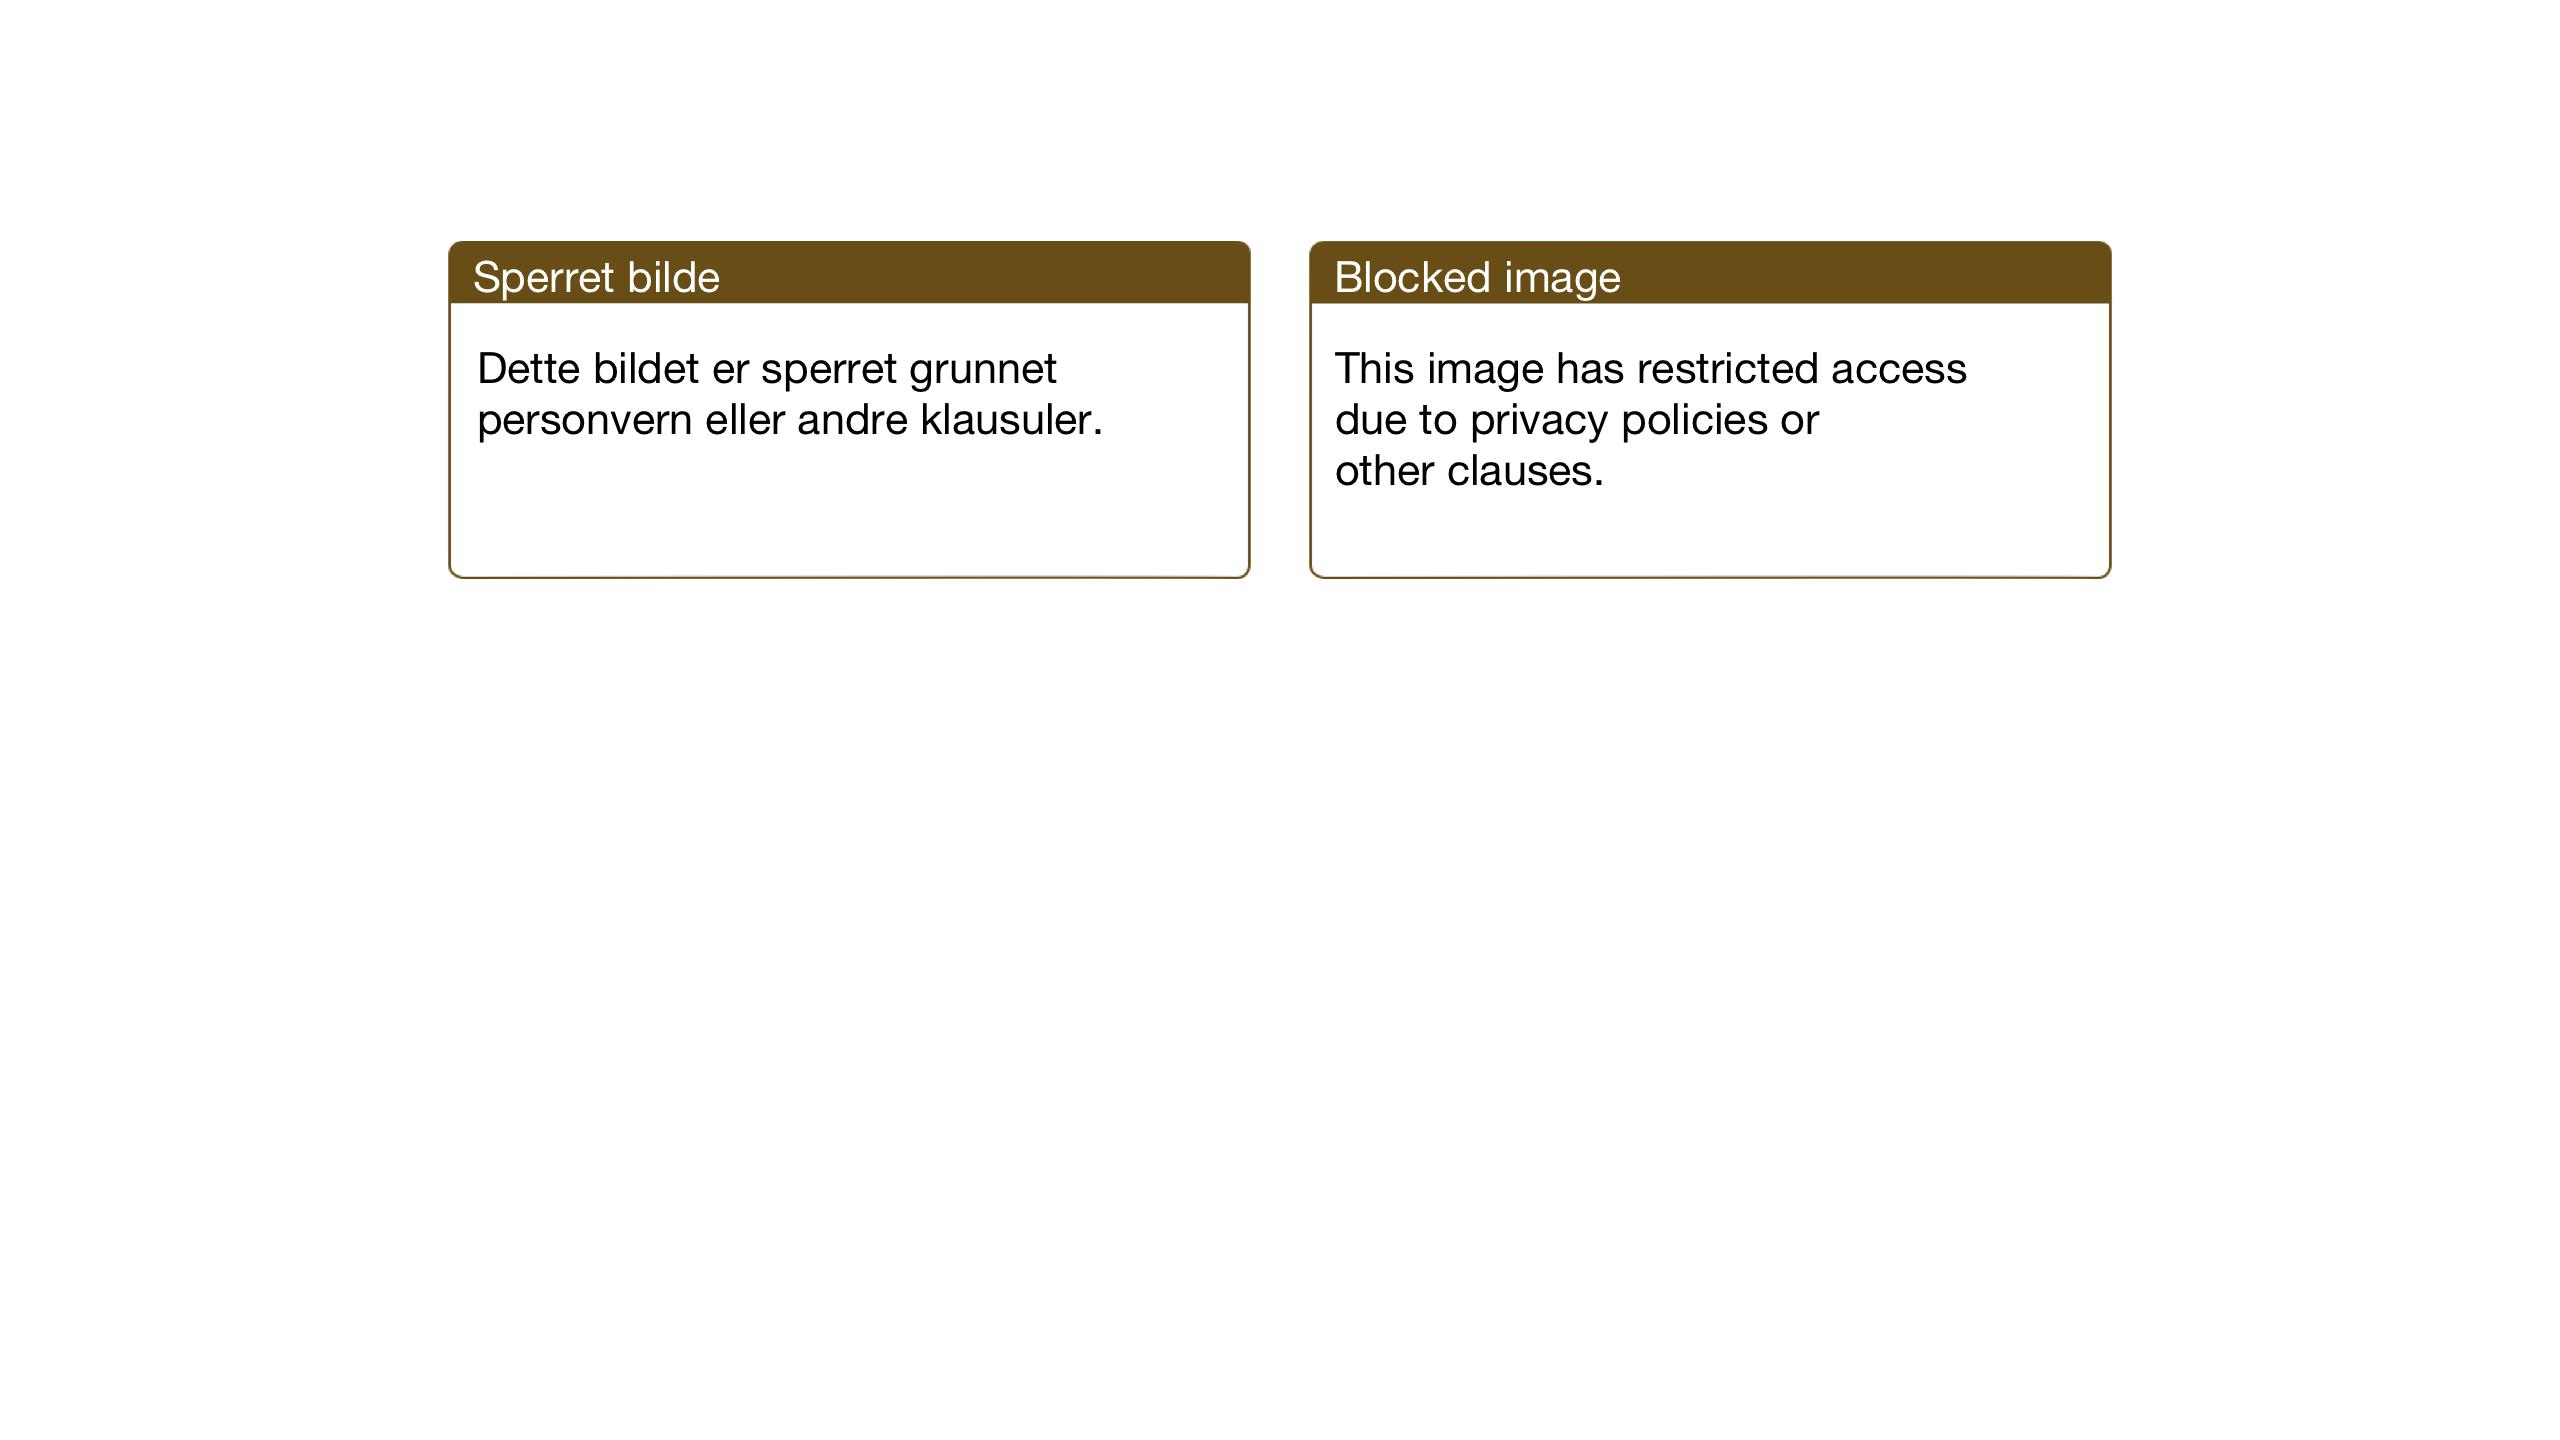 SAT, Ministerialprotokoller, klokkerbøker og fødselsregistre - Nord-Trøndelag, 739/L0377: Klokkerbok nr. 739C05, 1940-1947, s. 16